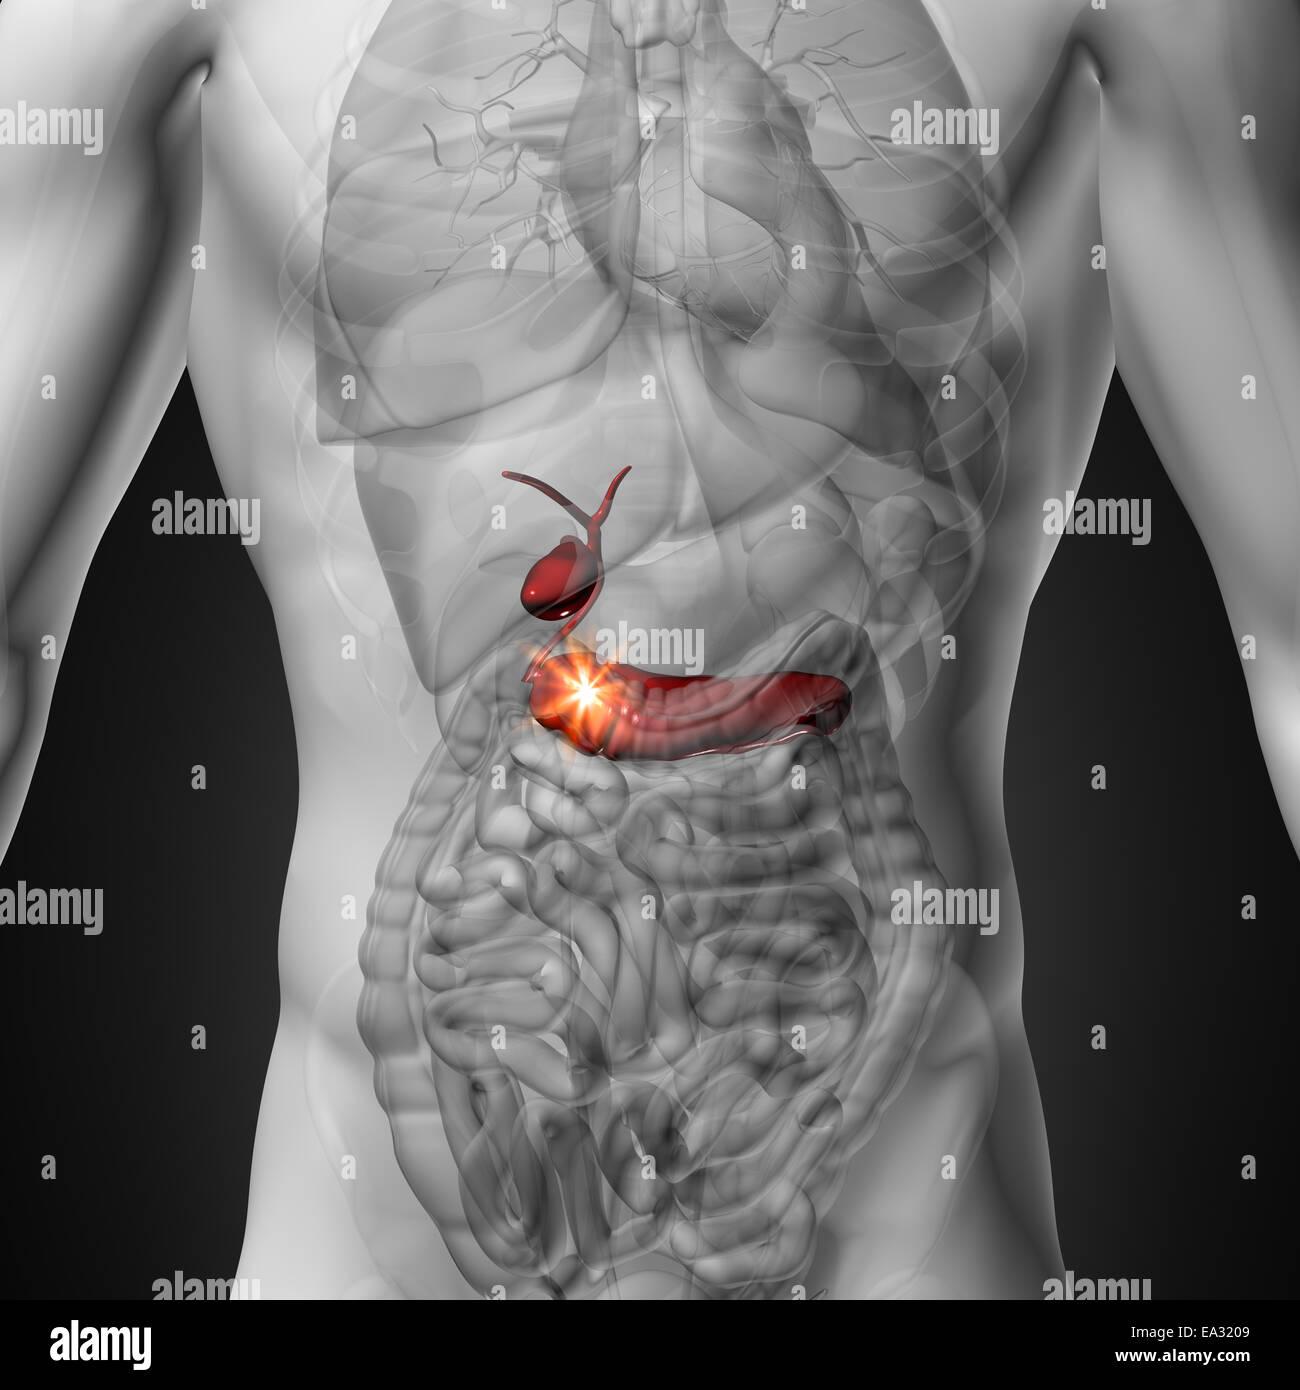 Gallenblase / Bauchspeicheldrüse - männliche Anatomie menschlicher ...